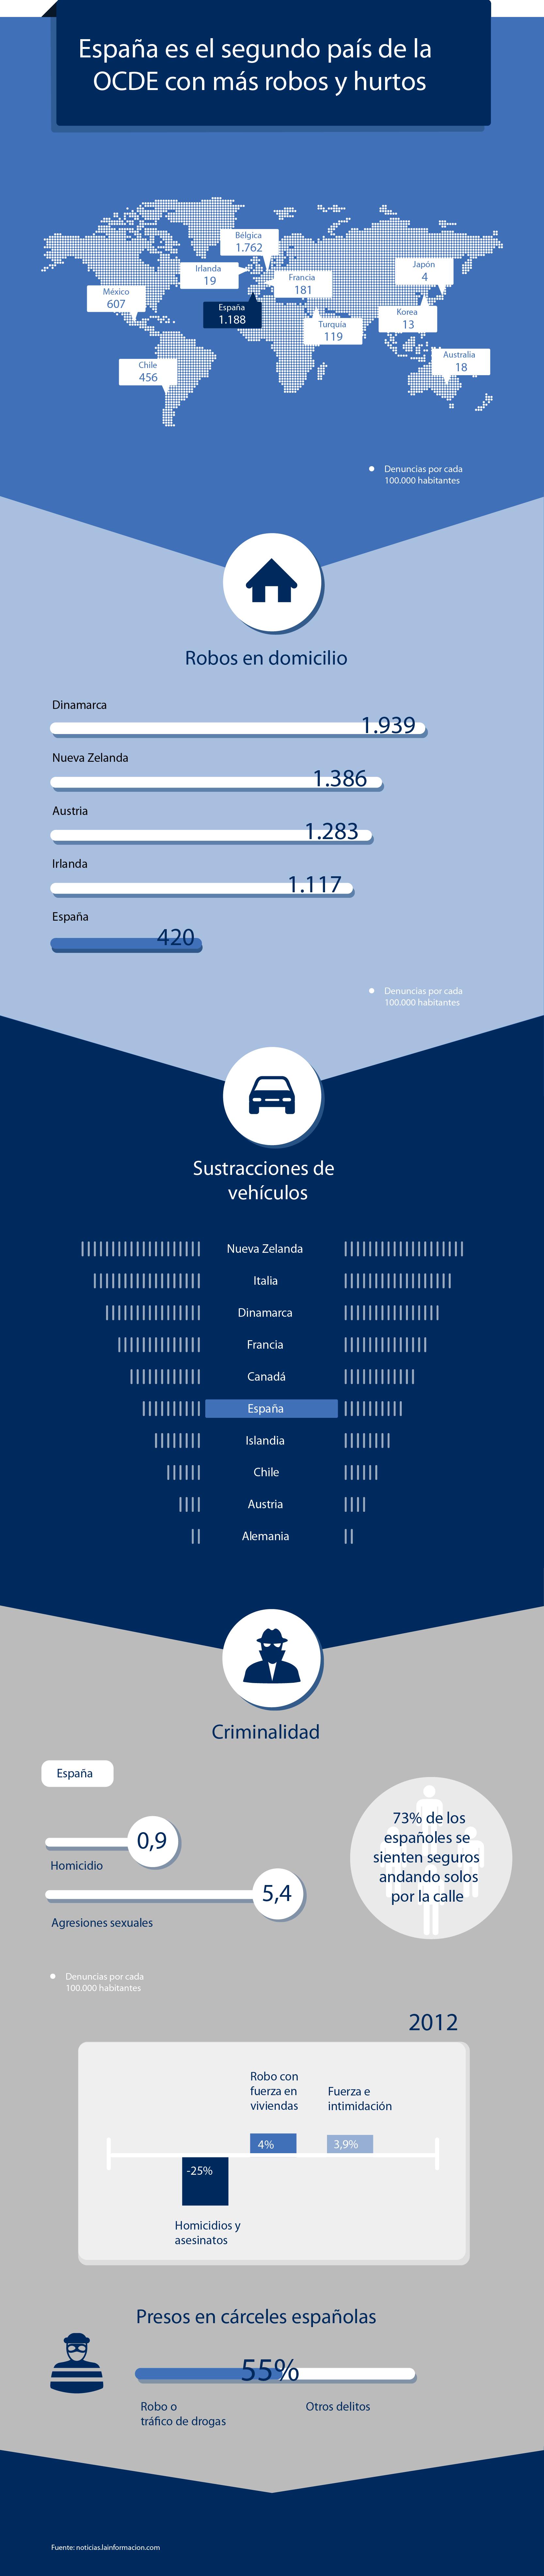 Seguridad-Infografia_ROCONSA